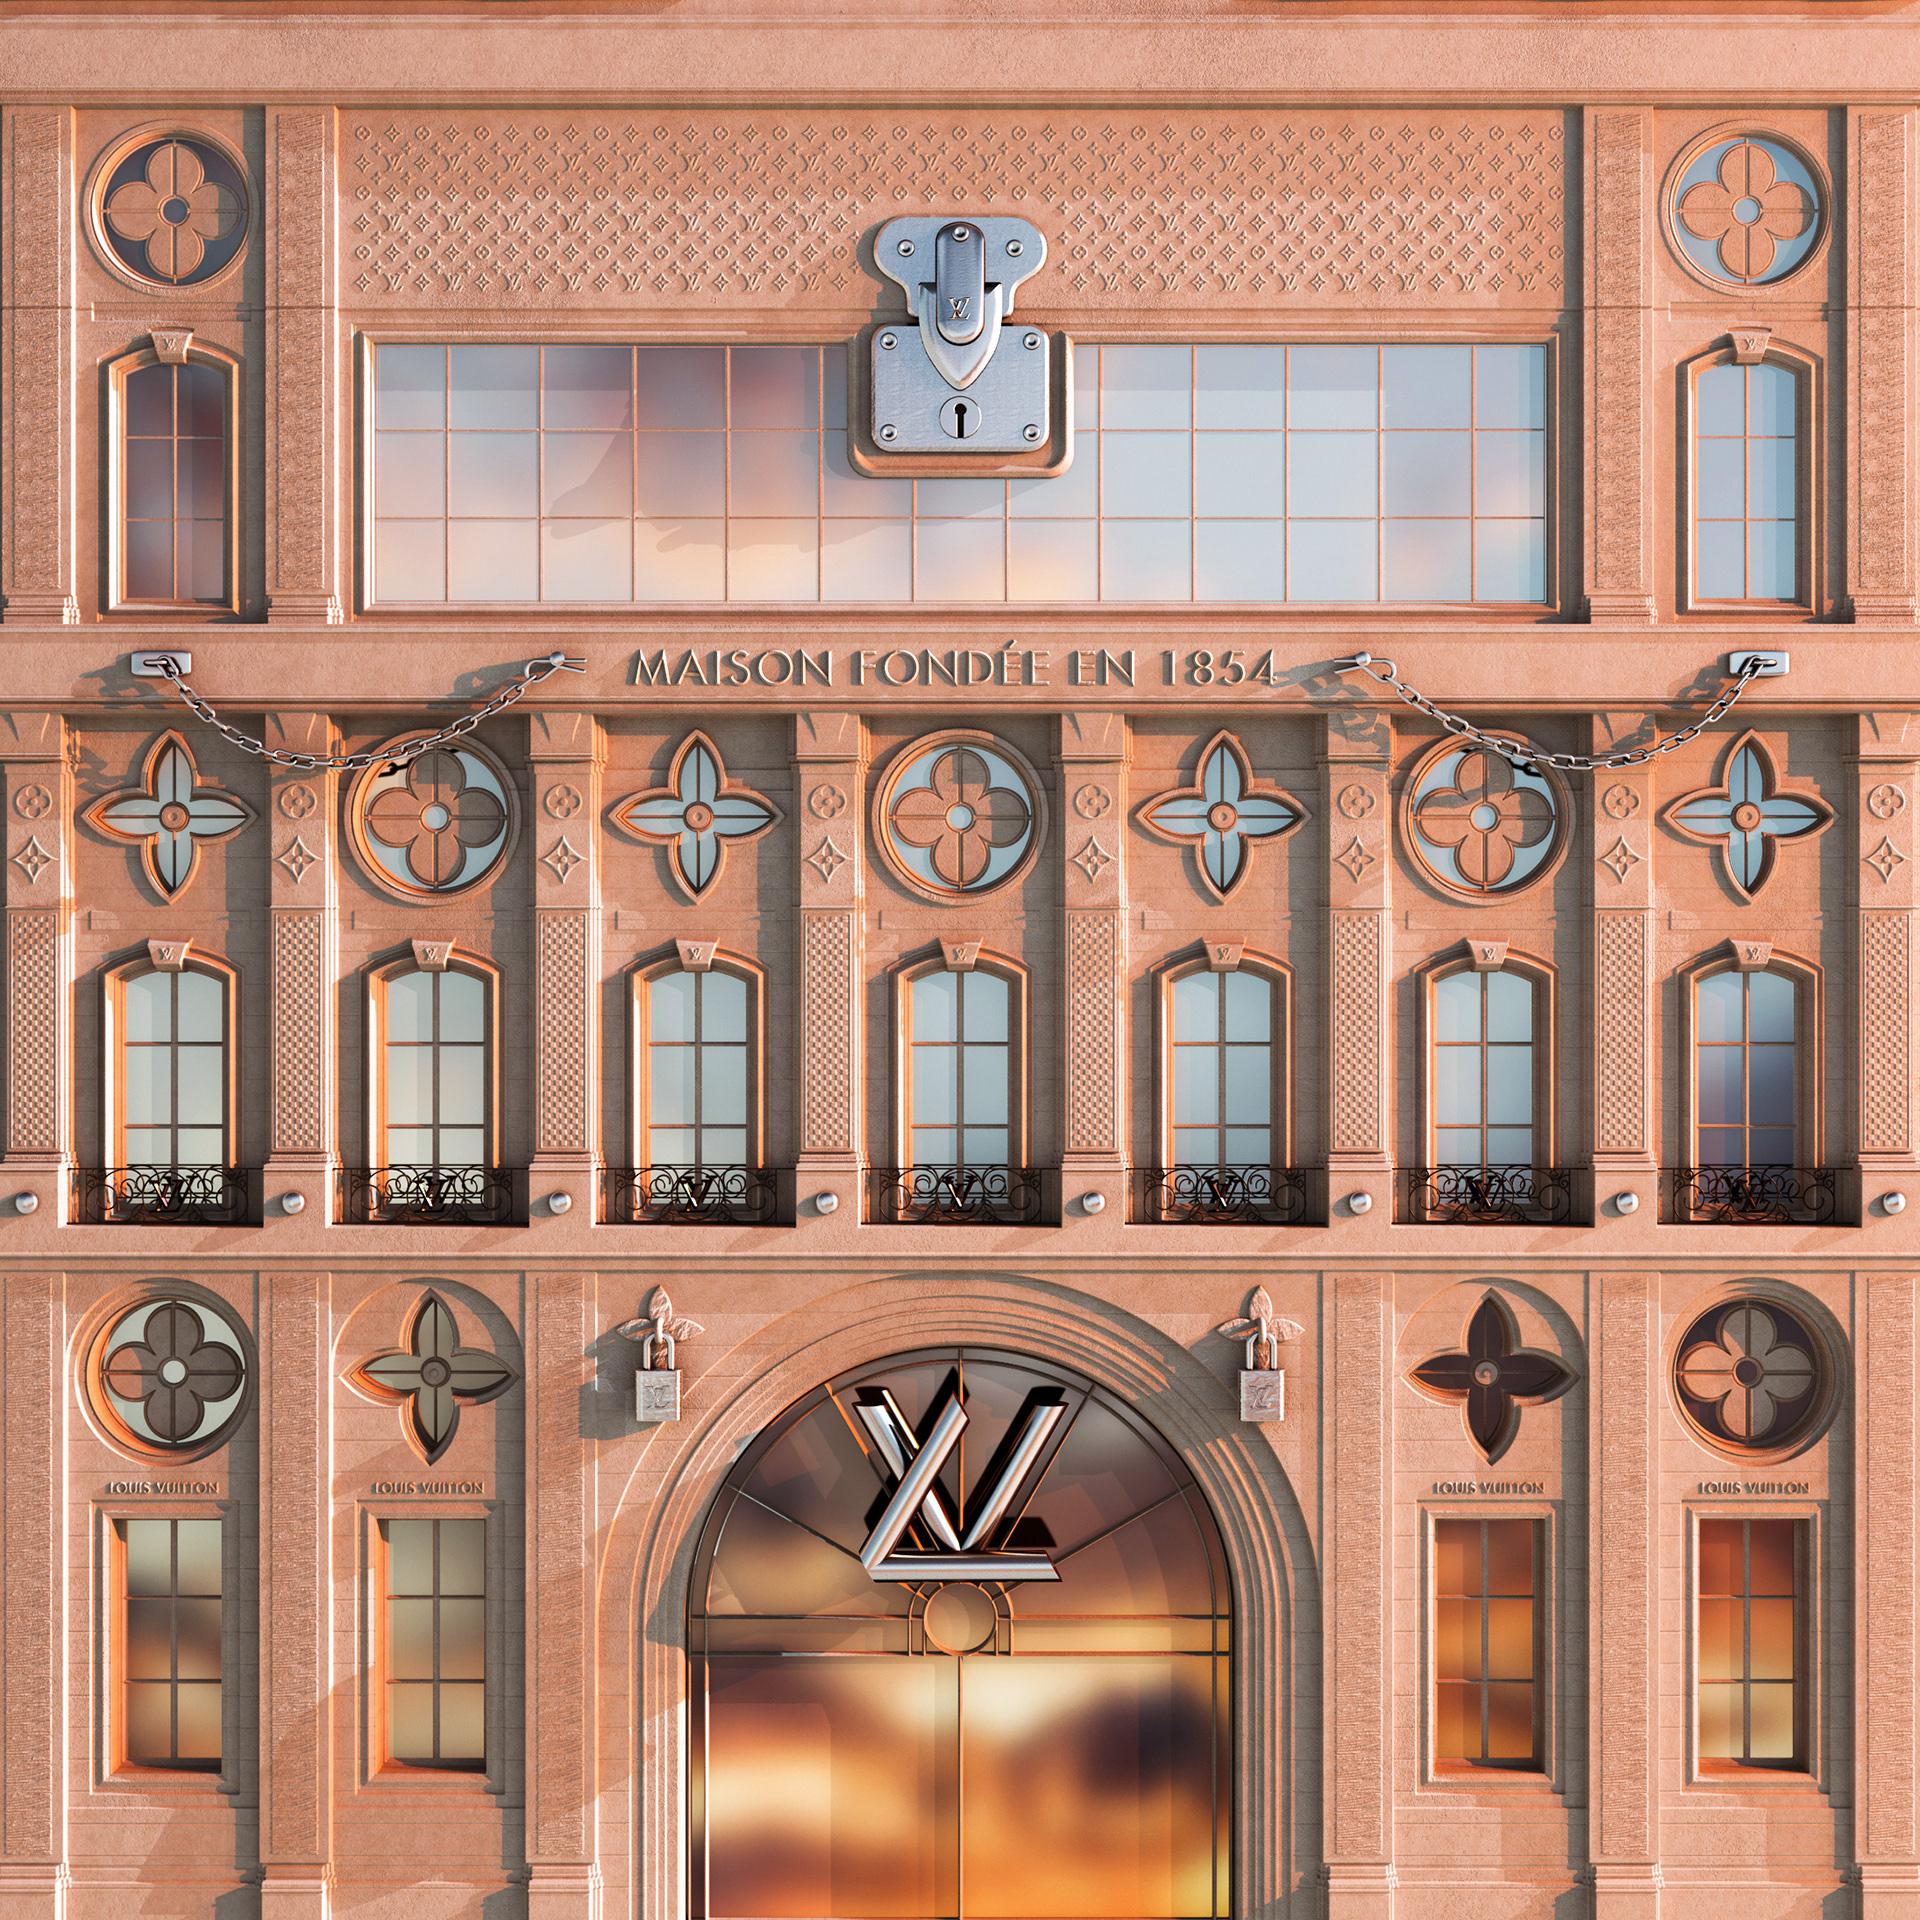 Louis Vuitton Architecture